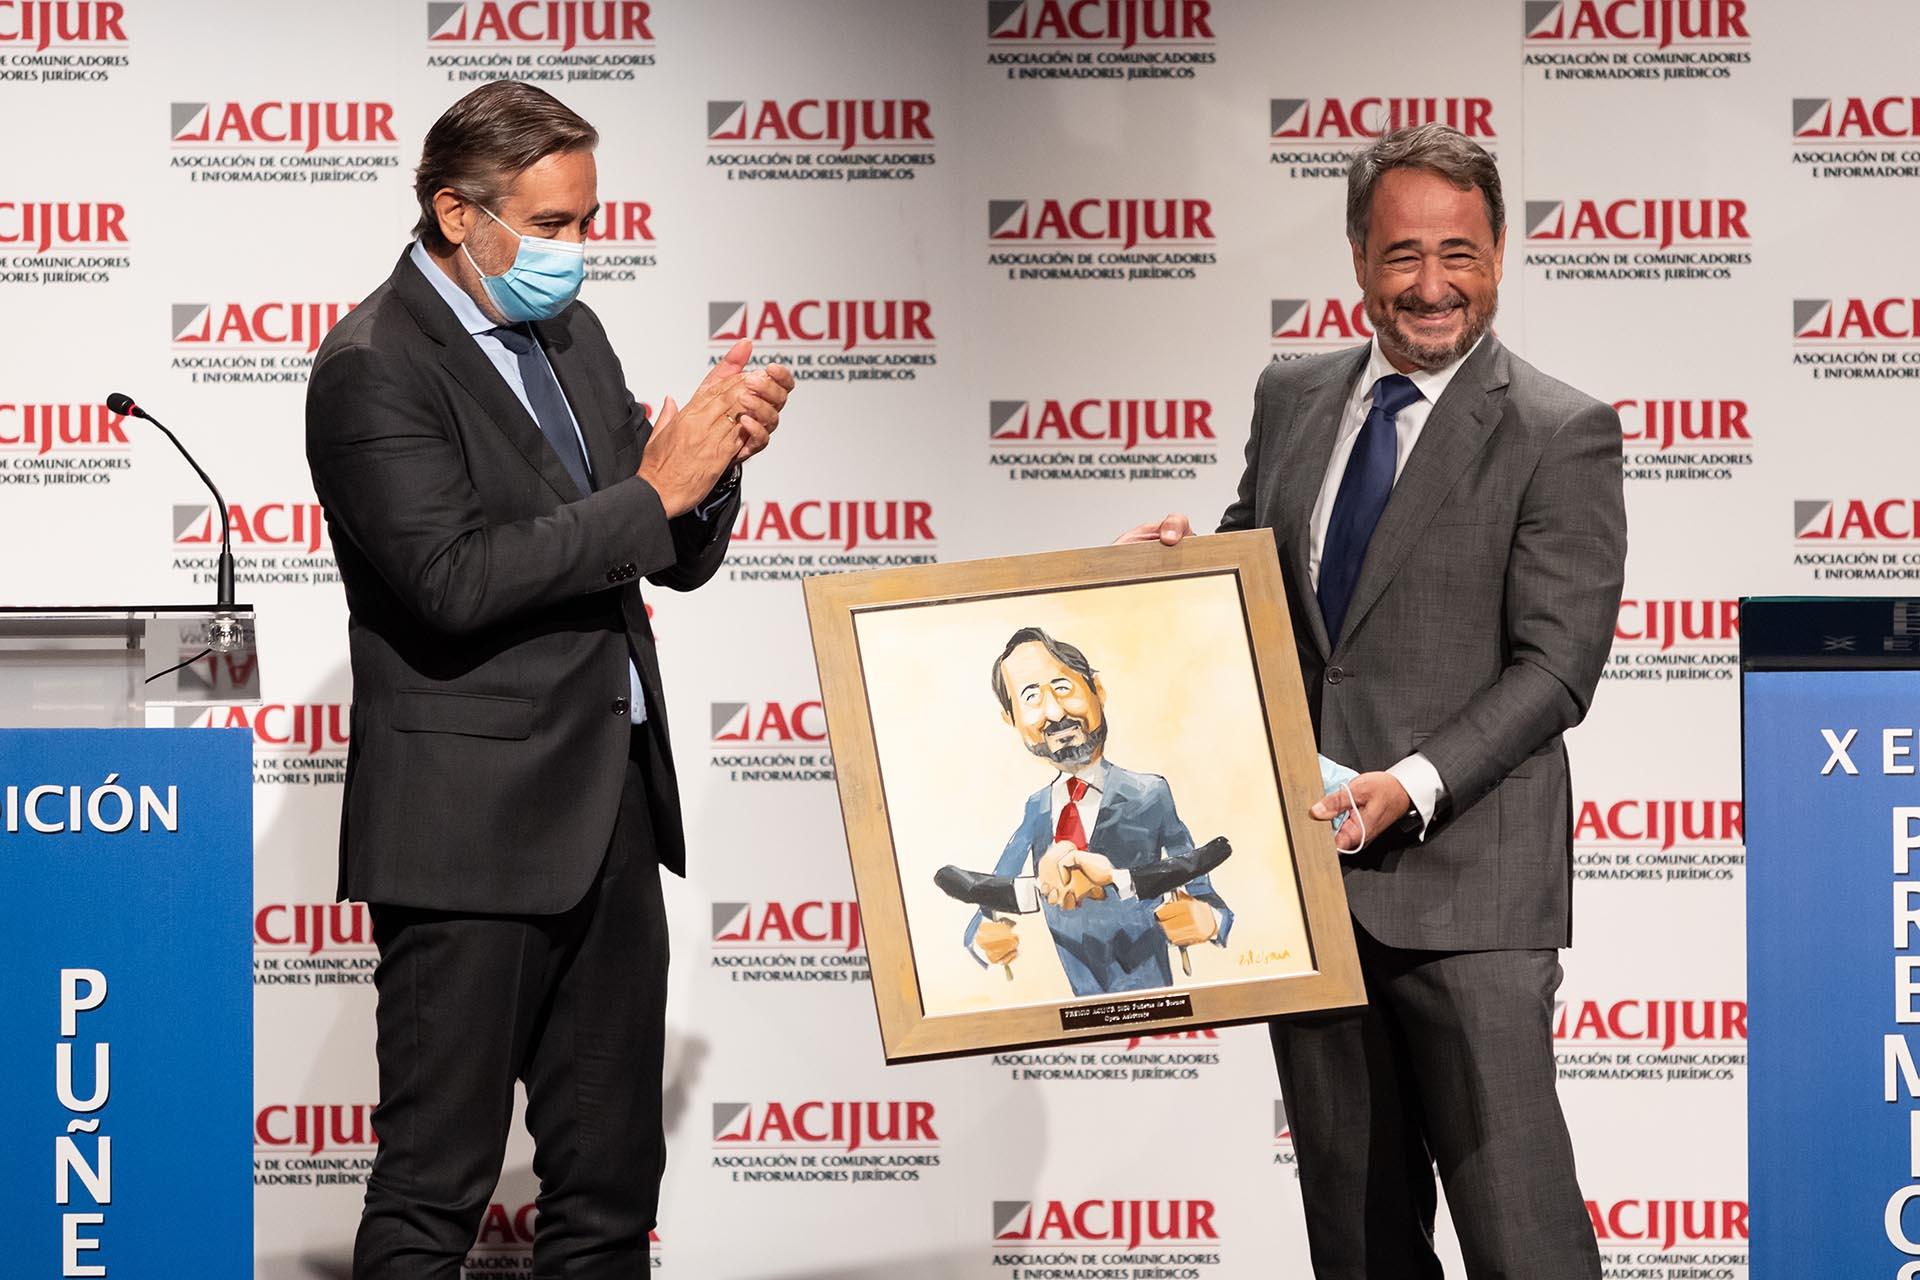 """Javier Íscar, en representación del """"Open Arbitraje"""", recoge el premio Puñetas de Bronce de las manos de Enrique López, consejero de Presidencia, Justicia e Interior de la Comunidad de Madrid."""